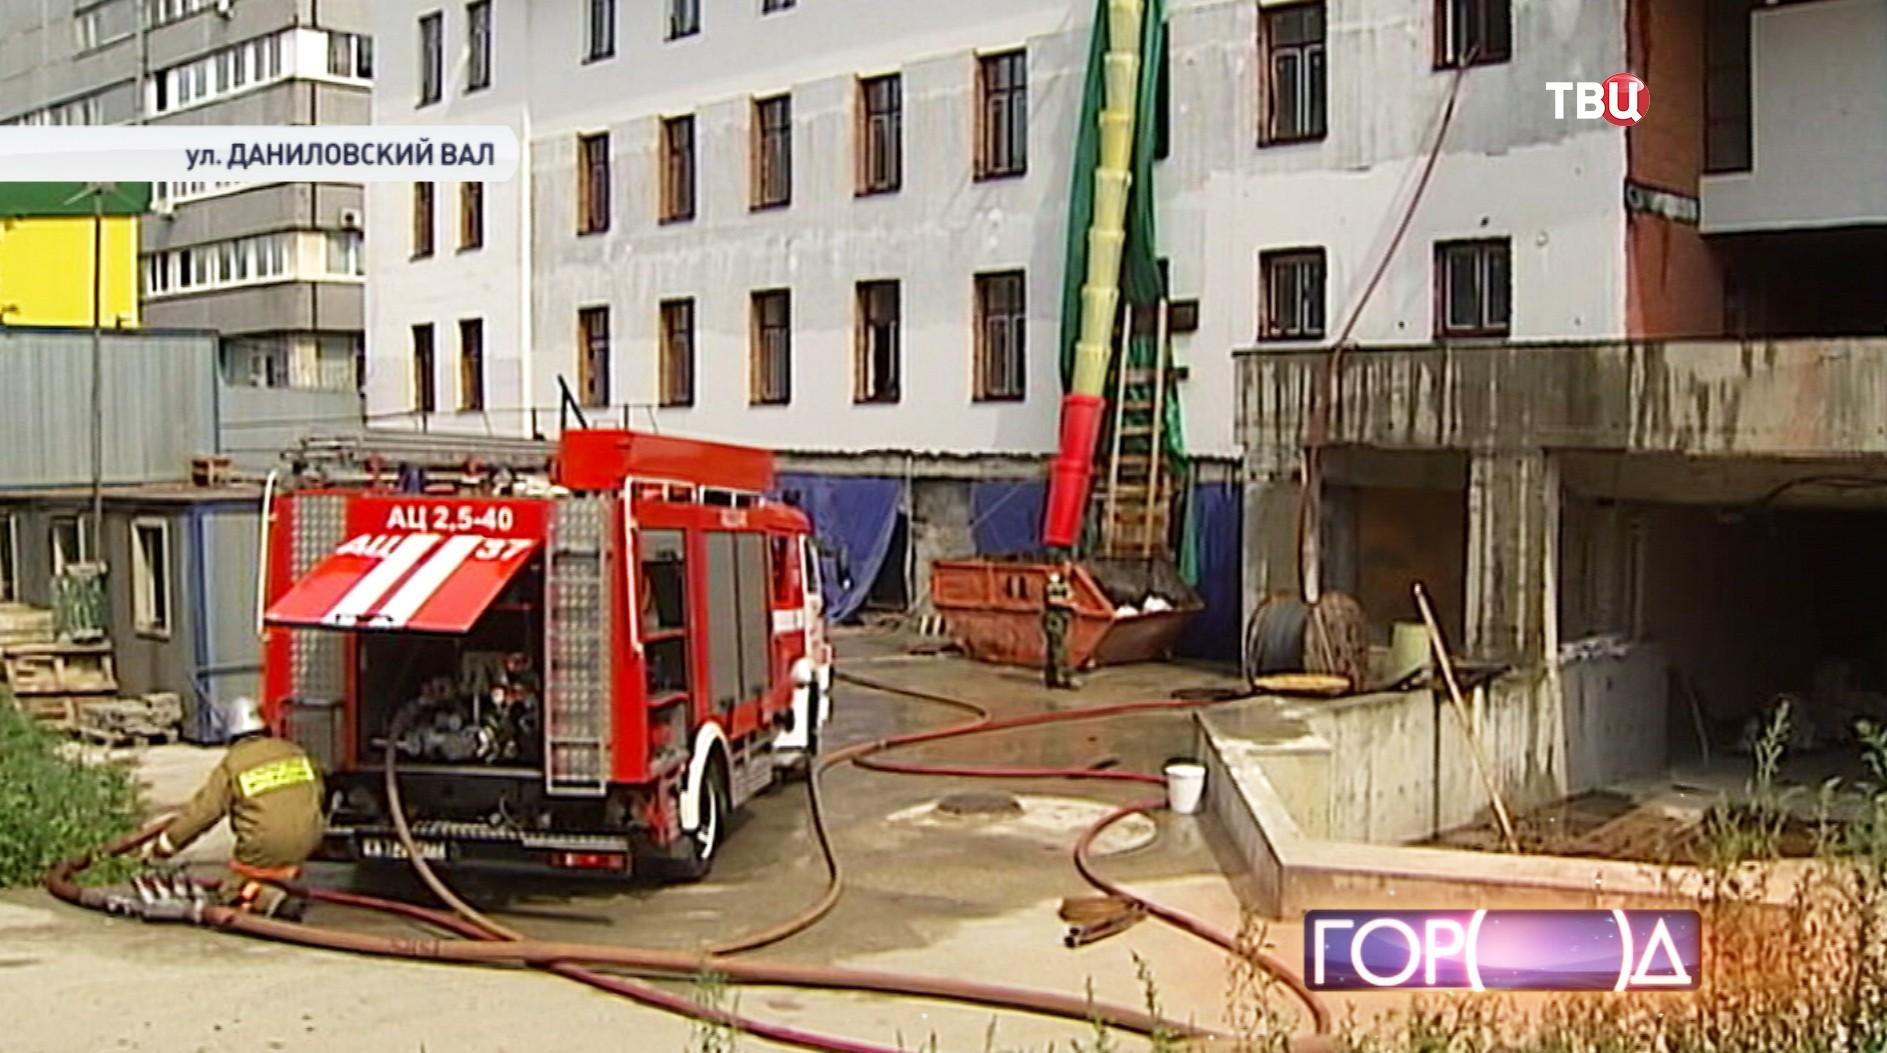 Пожарный расчет на месте пожара